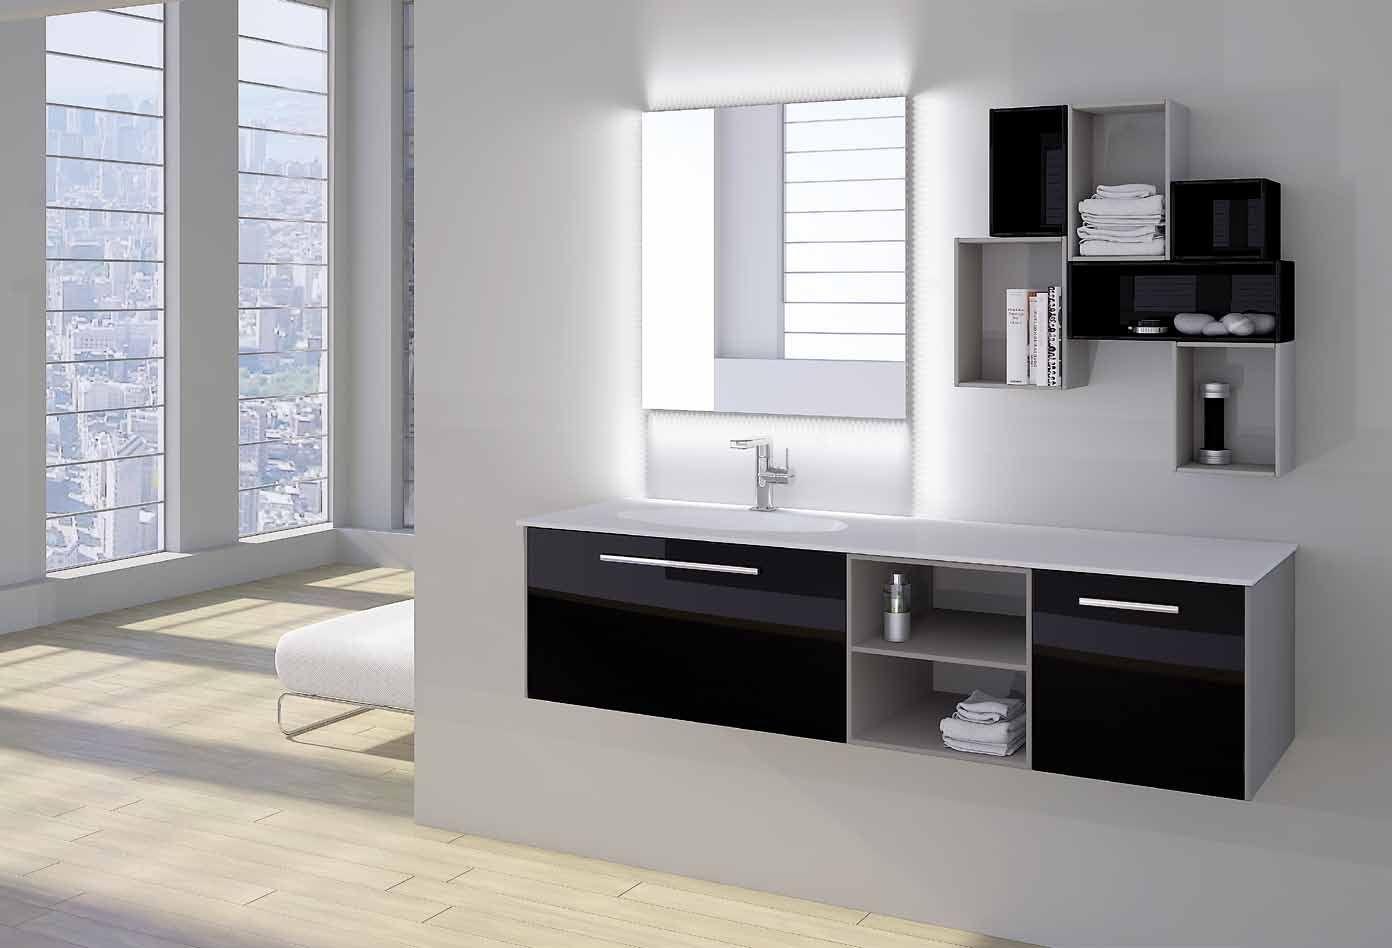 Muebles Para Baño Finos:Mueble de baño Kyrya colección 2014 – Modelo D16: Servicios y